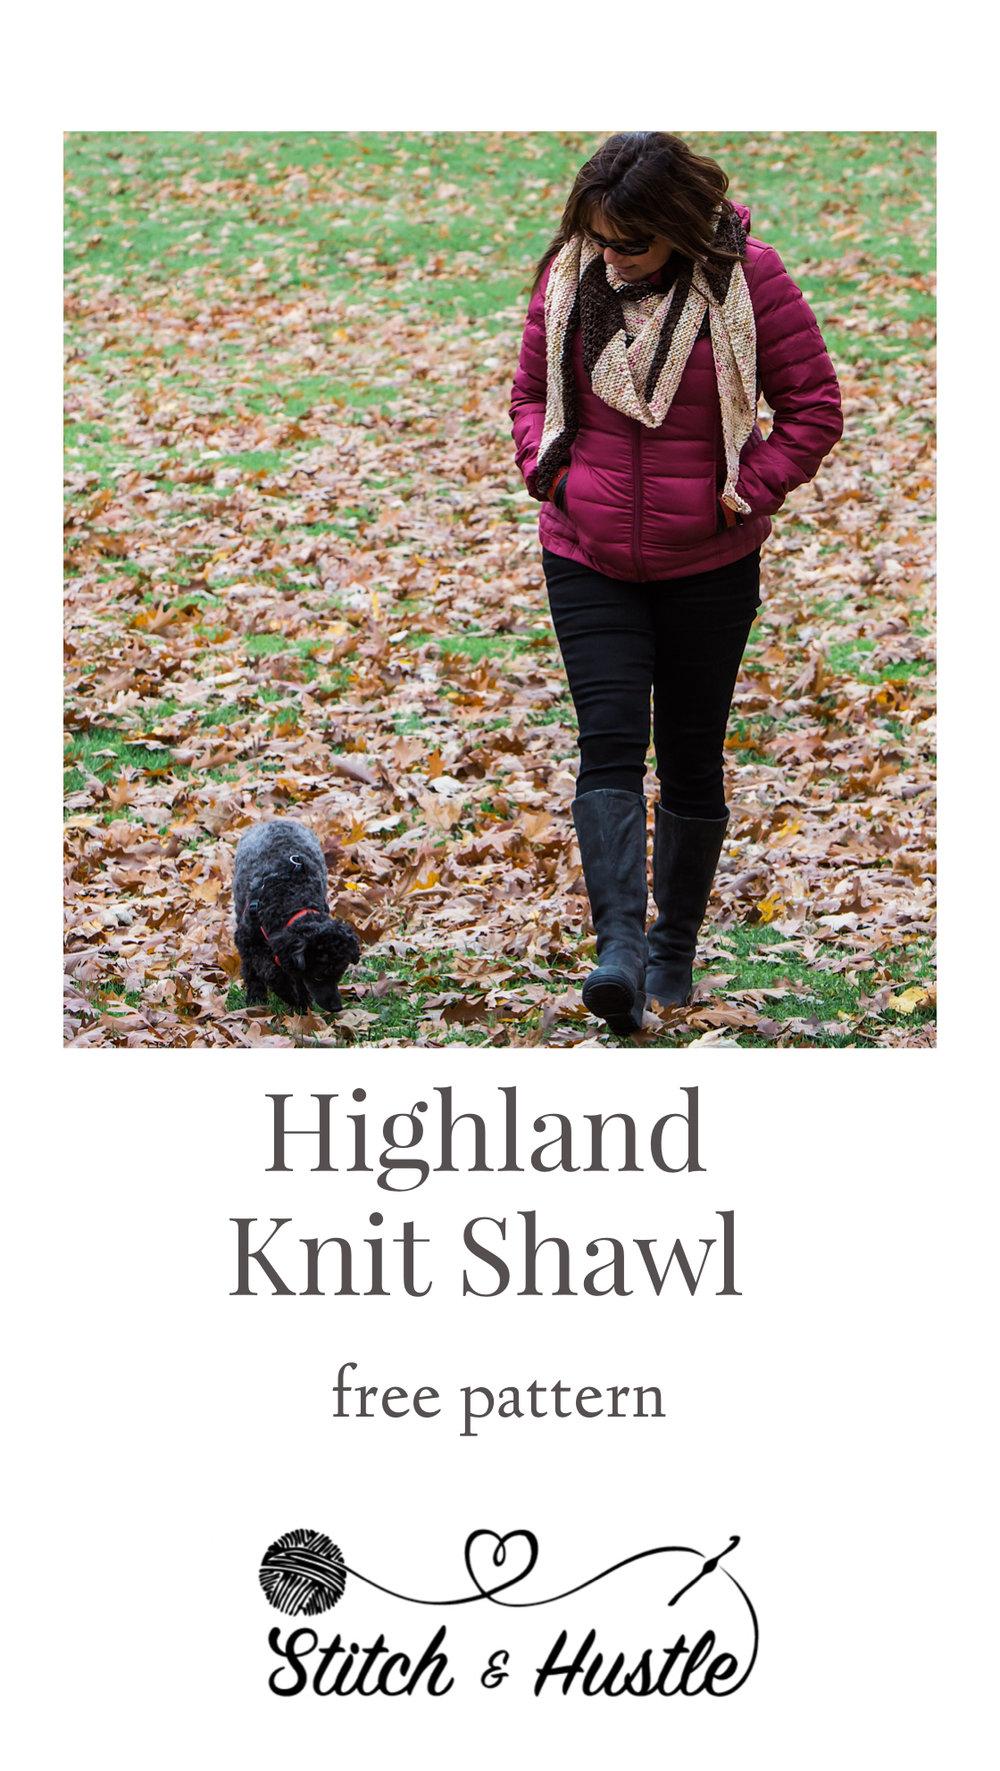 Highland_Knit_Lace_Shawl_Free_Knitting_Pattern_1l.jpg